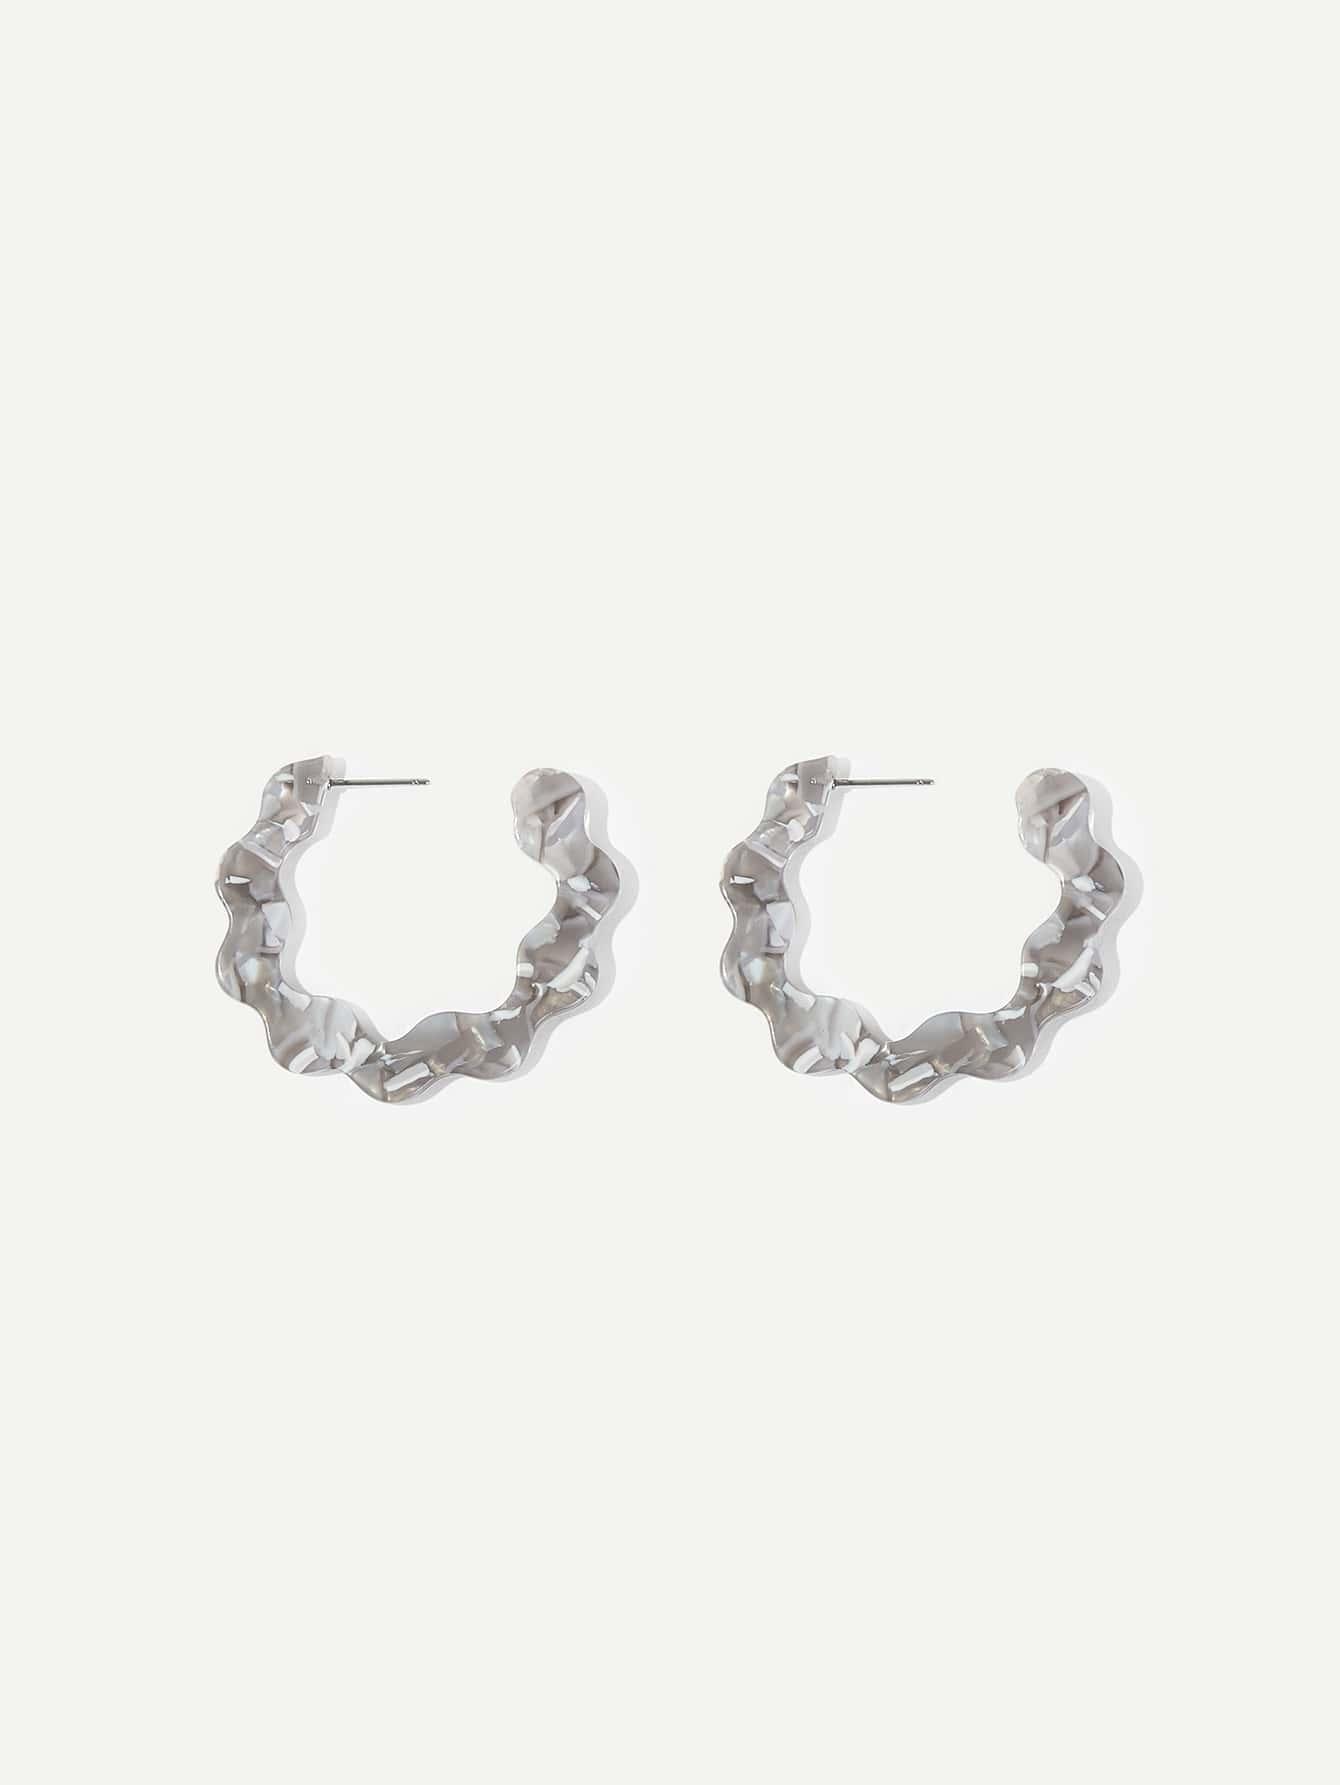 Marble Pattern Scalloped Open Hoop Earrings 1pair Romwe